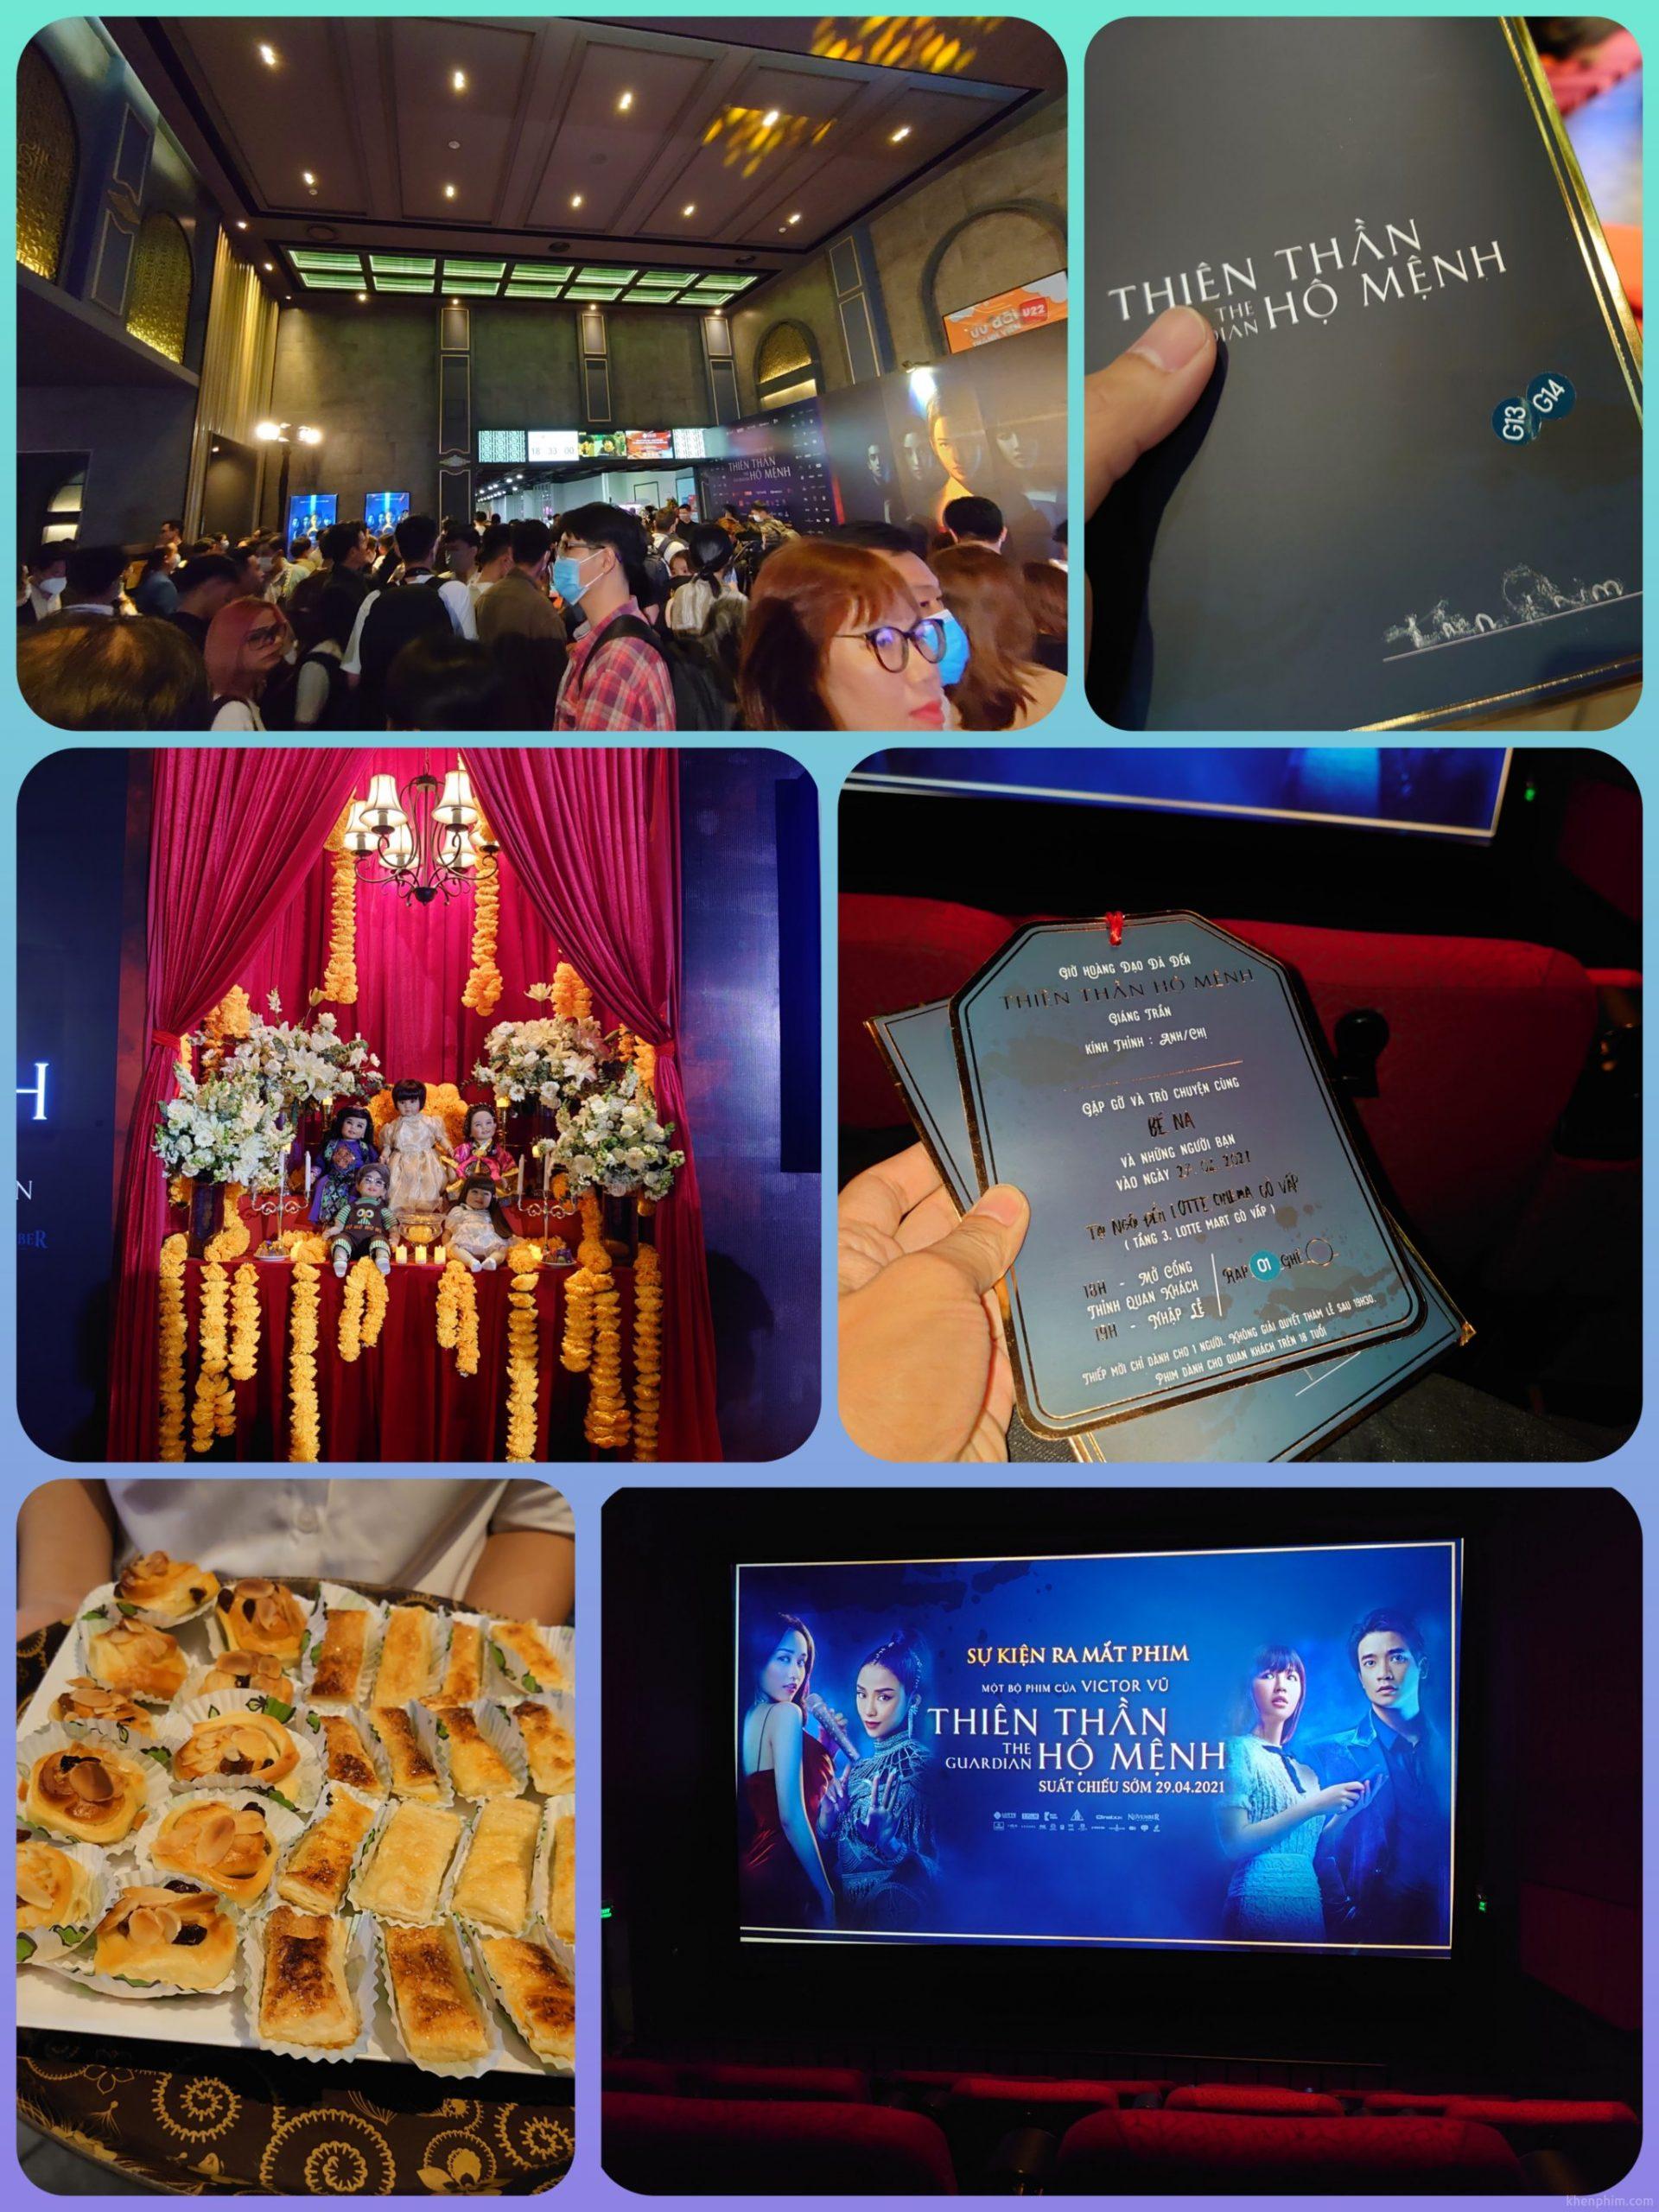 Hình ảnh tại sự kiện công chiếu phim Thiên Thần Hộ Mệnh